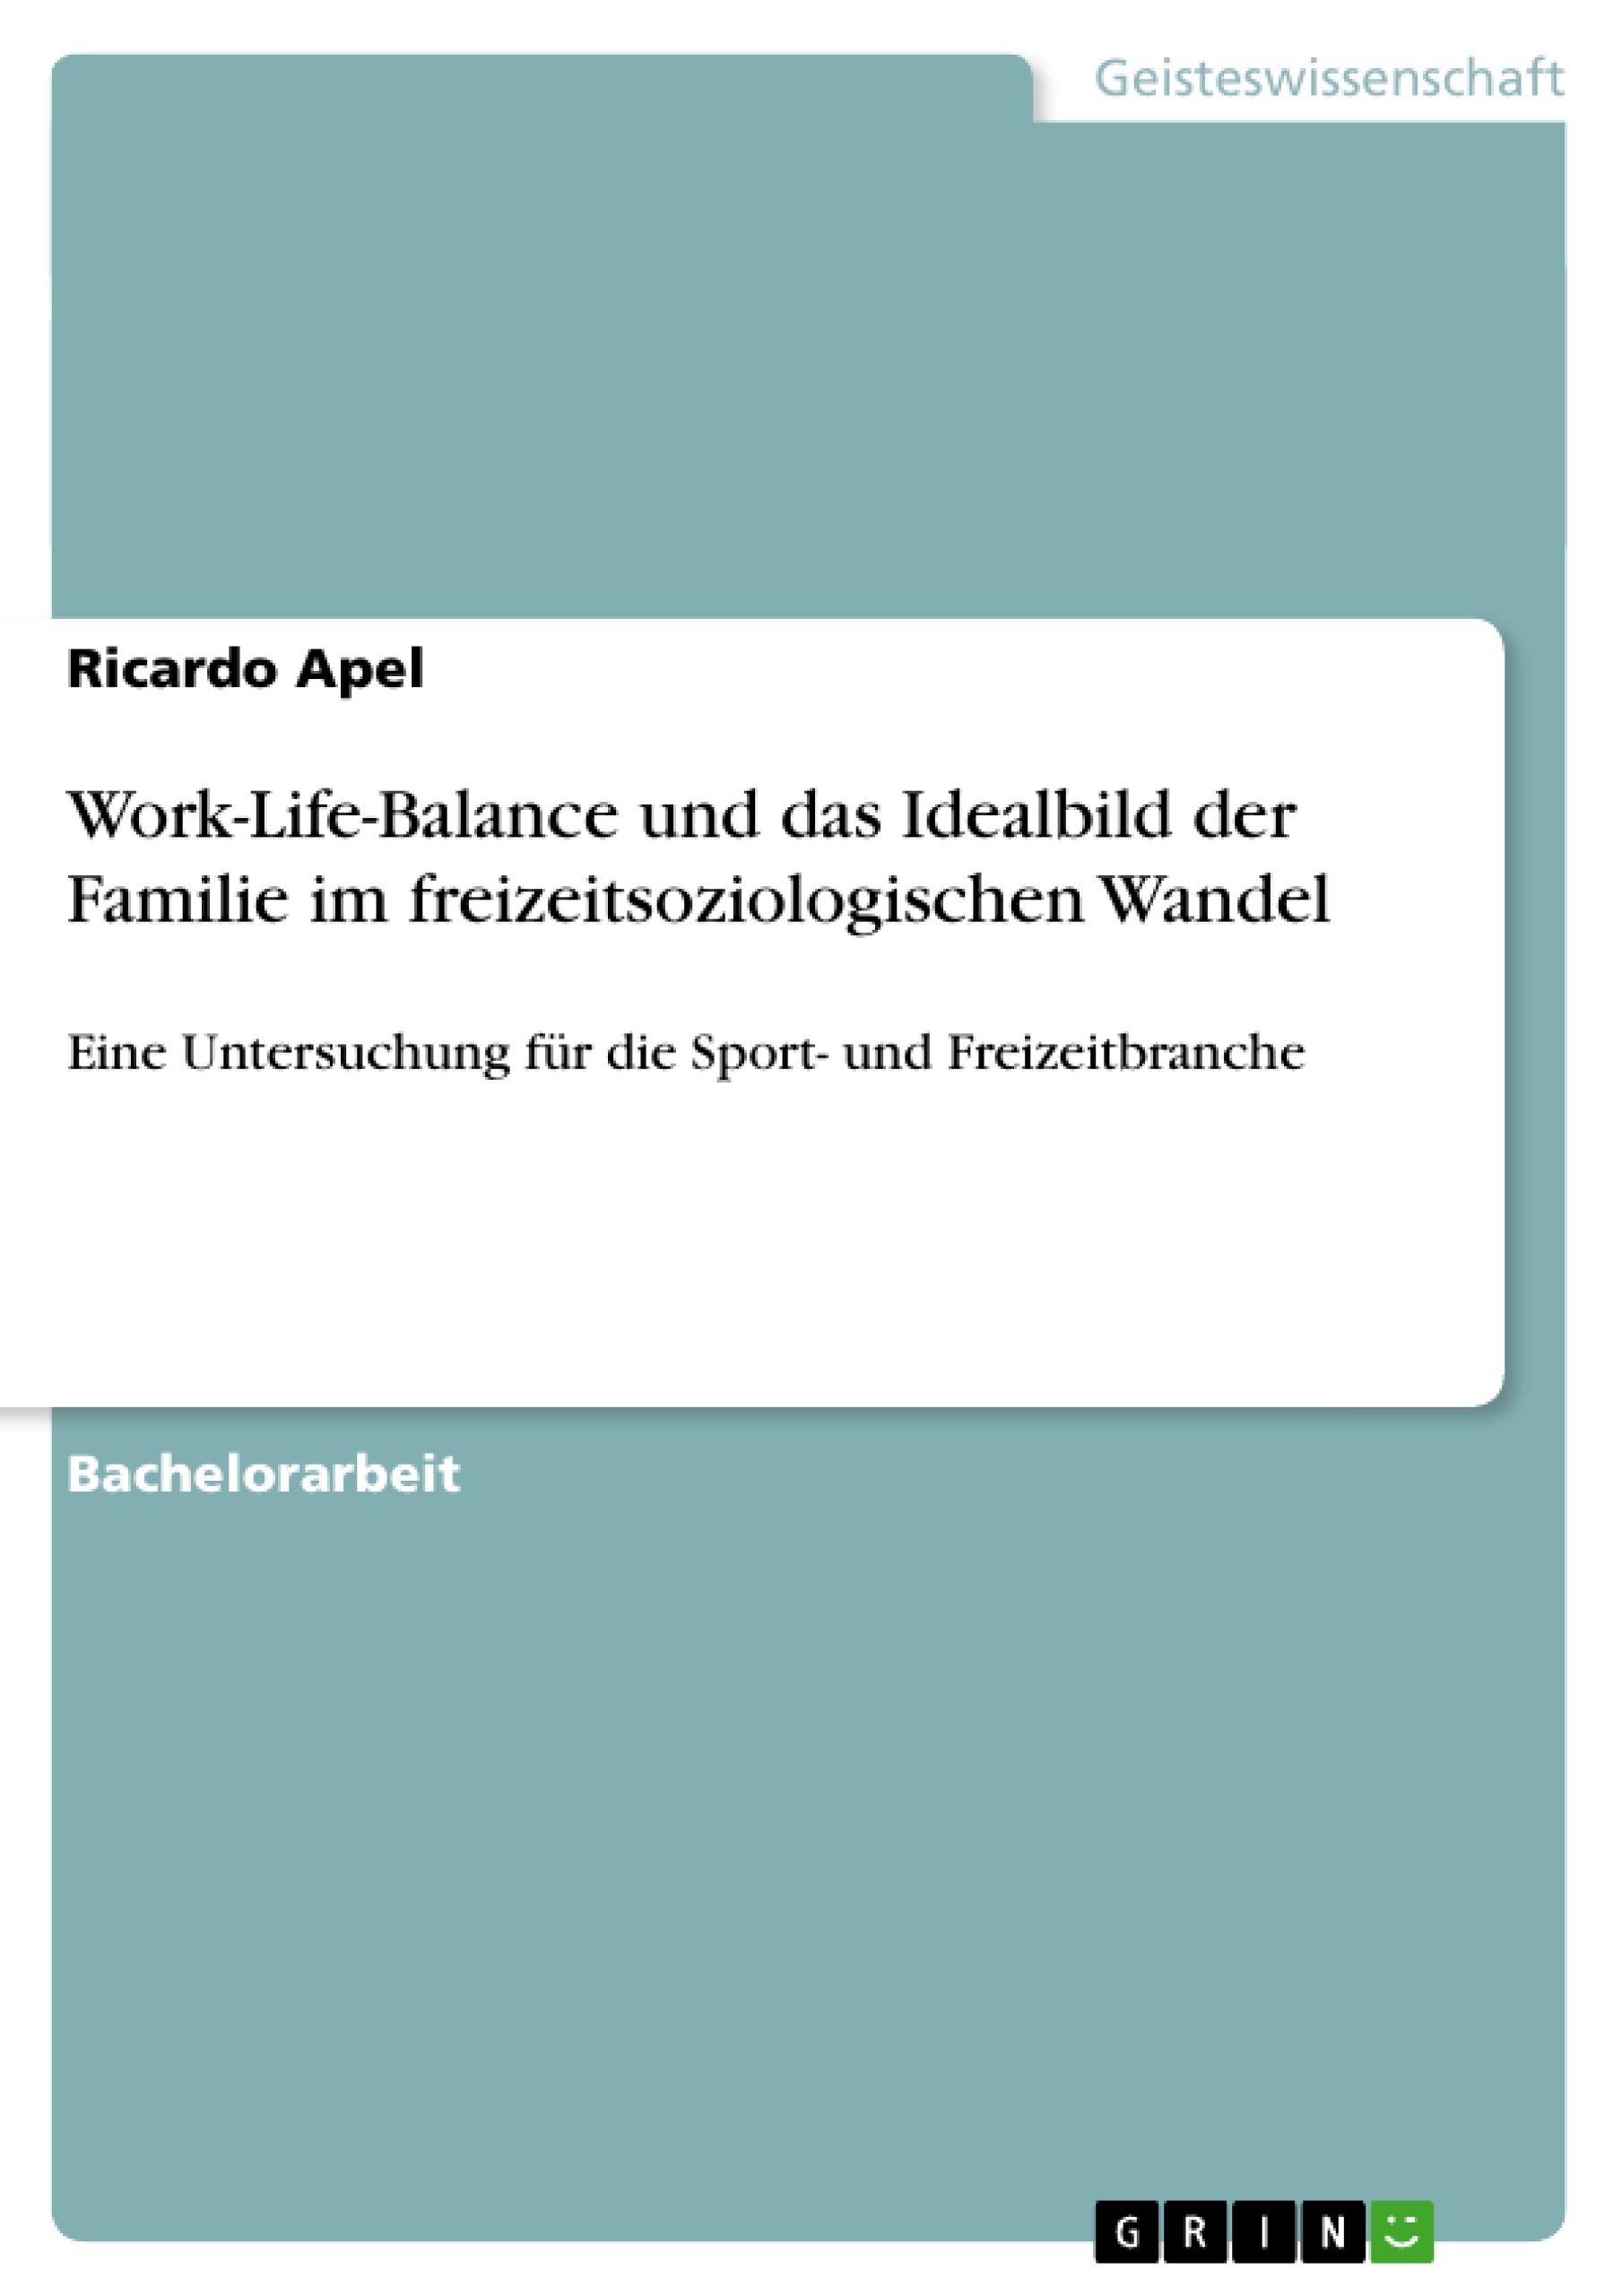 Titel: Work-Life-Balance und das Idealbild der Familie im freizeitsoziologischen Wandel